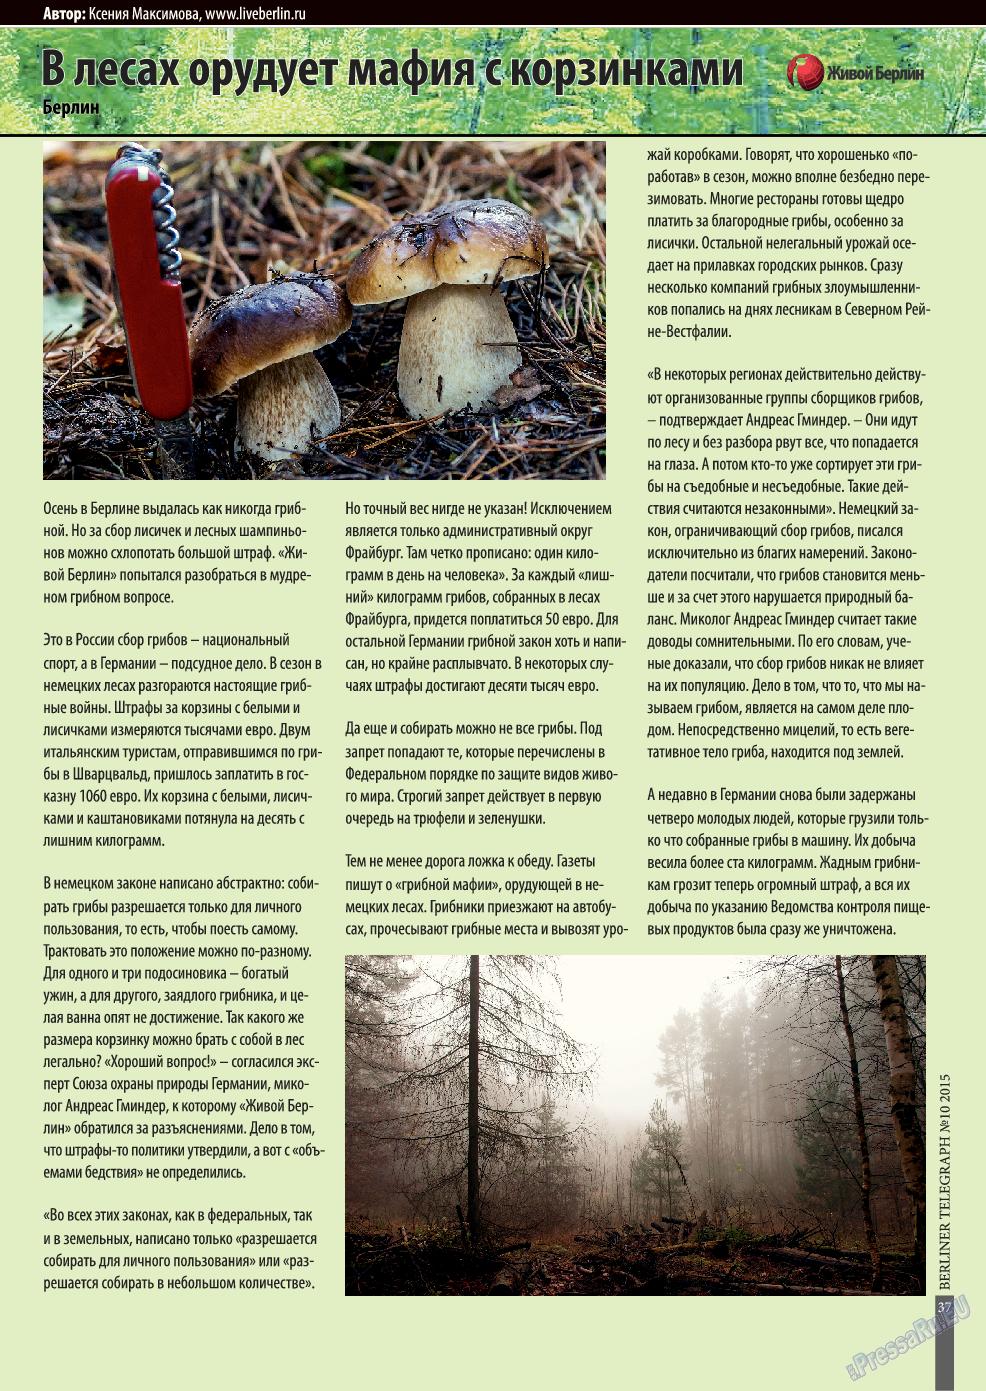 Берлинский телеграф (журнал). 2015 год, номер 11, стр. 37